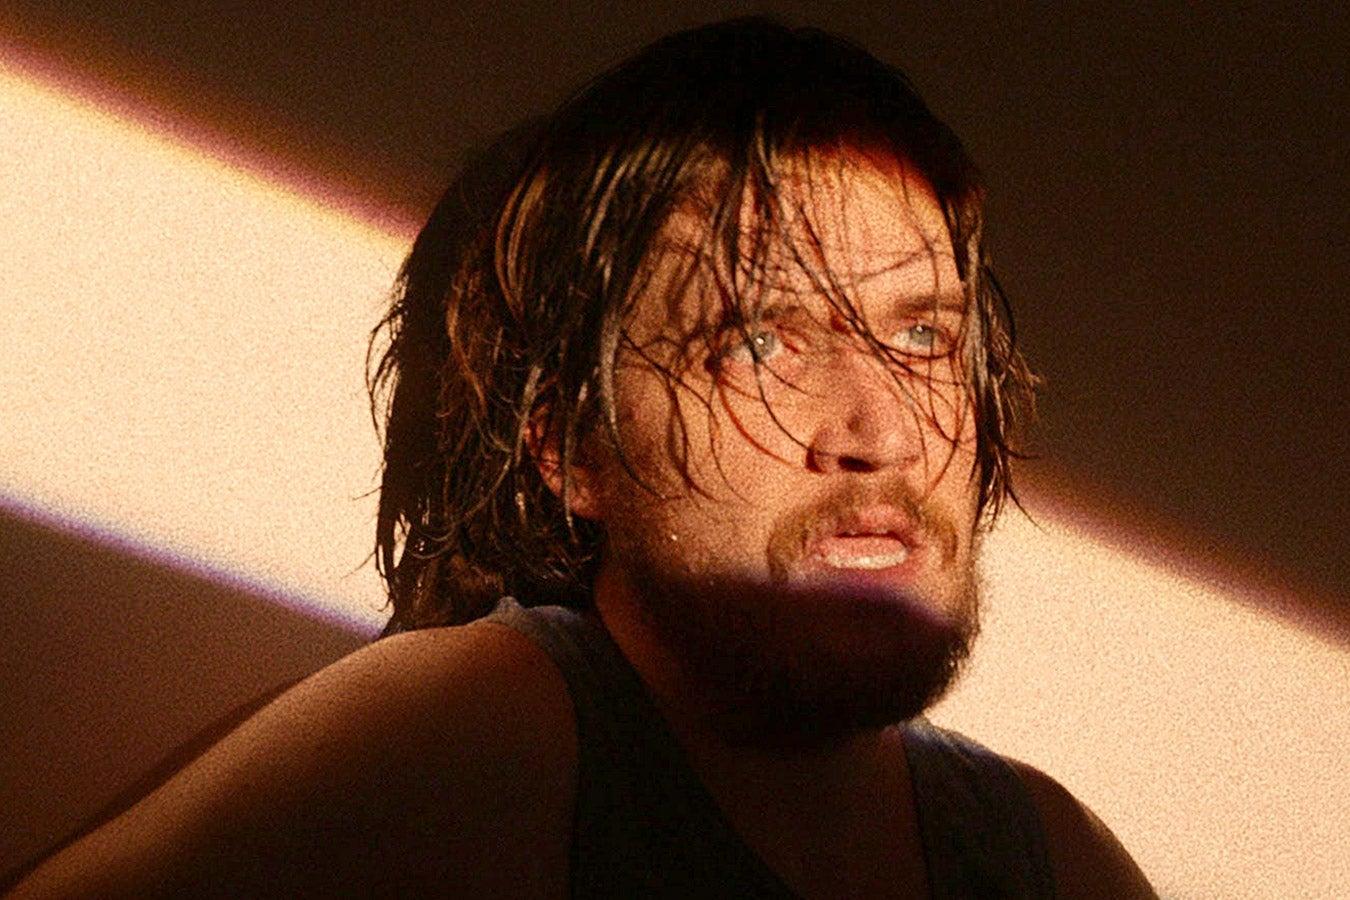 Bo Burnham with overgrown hair and a beard.